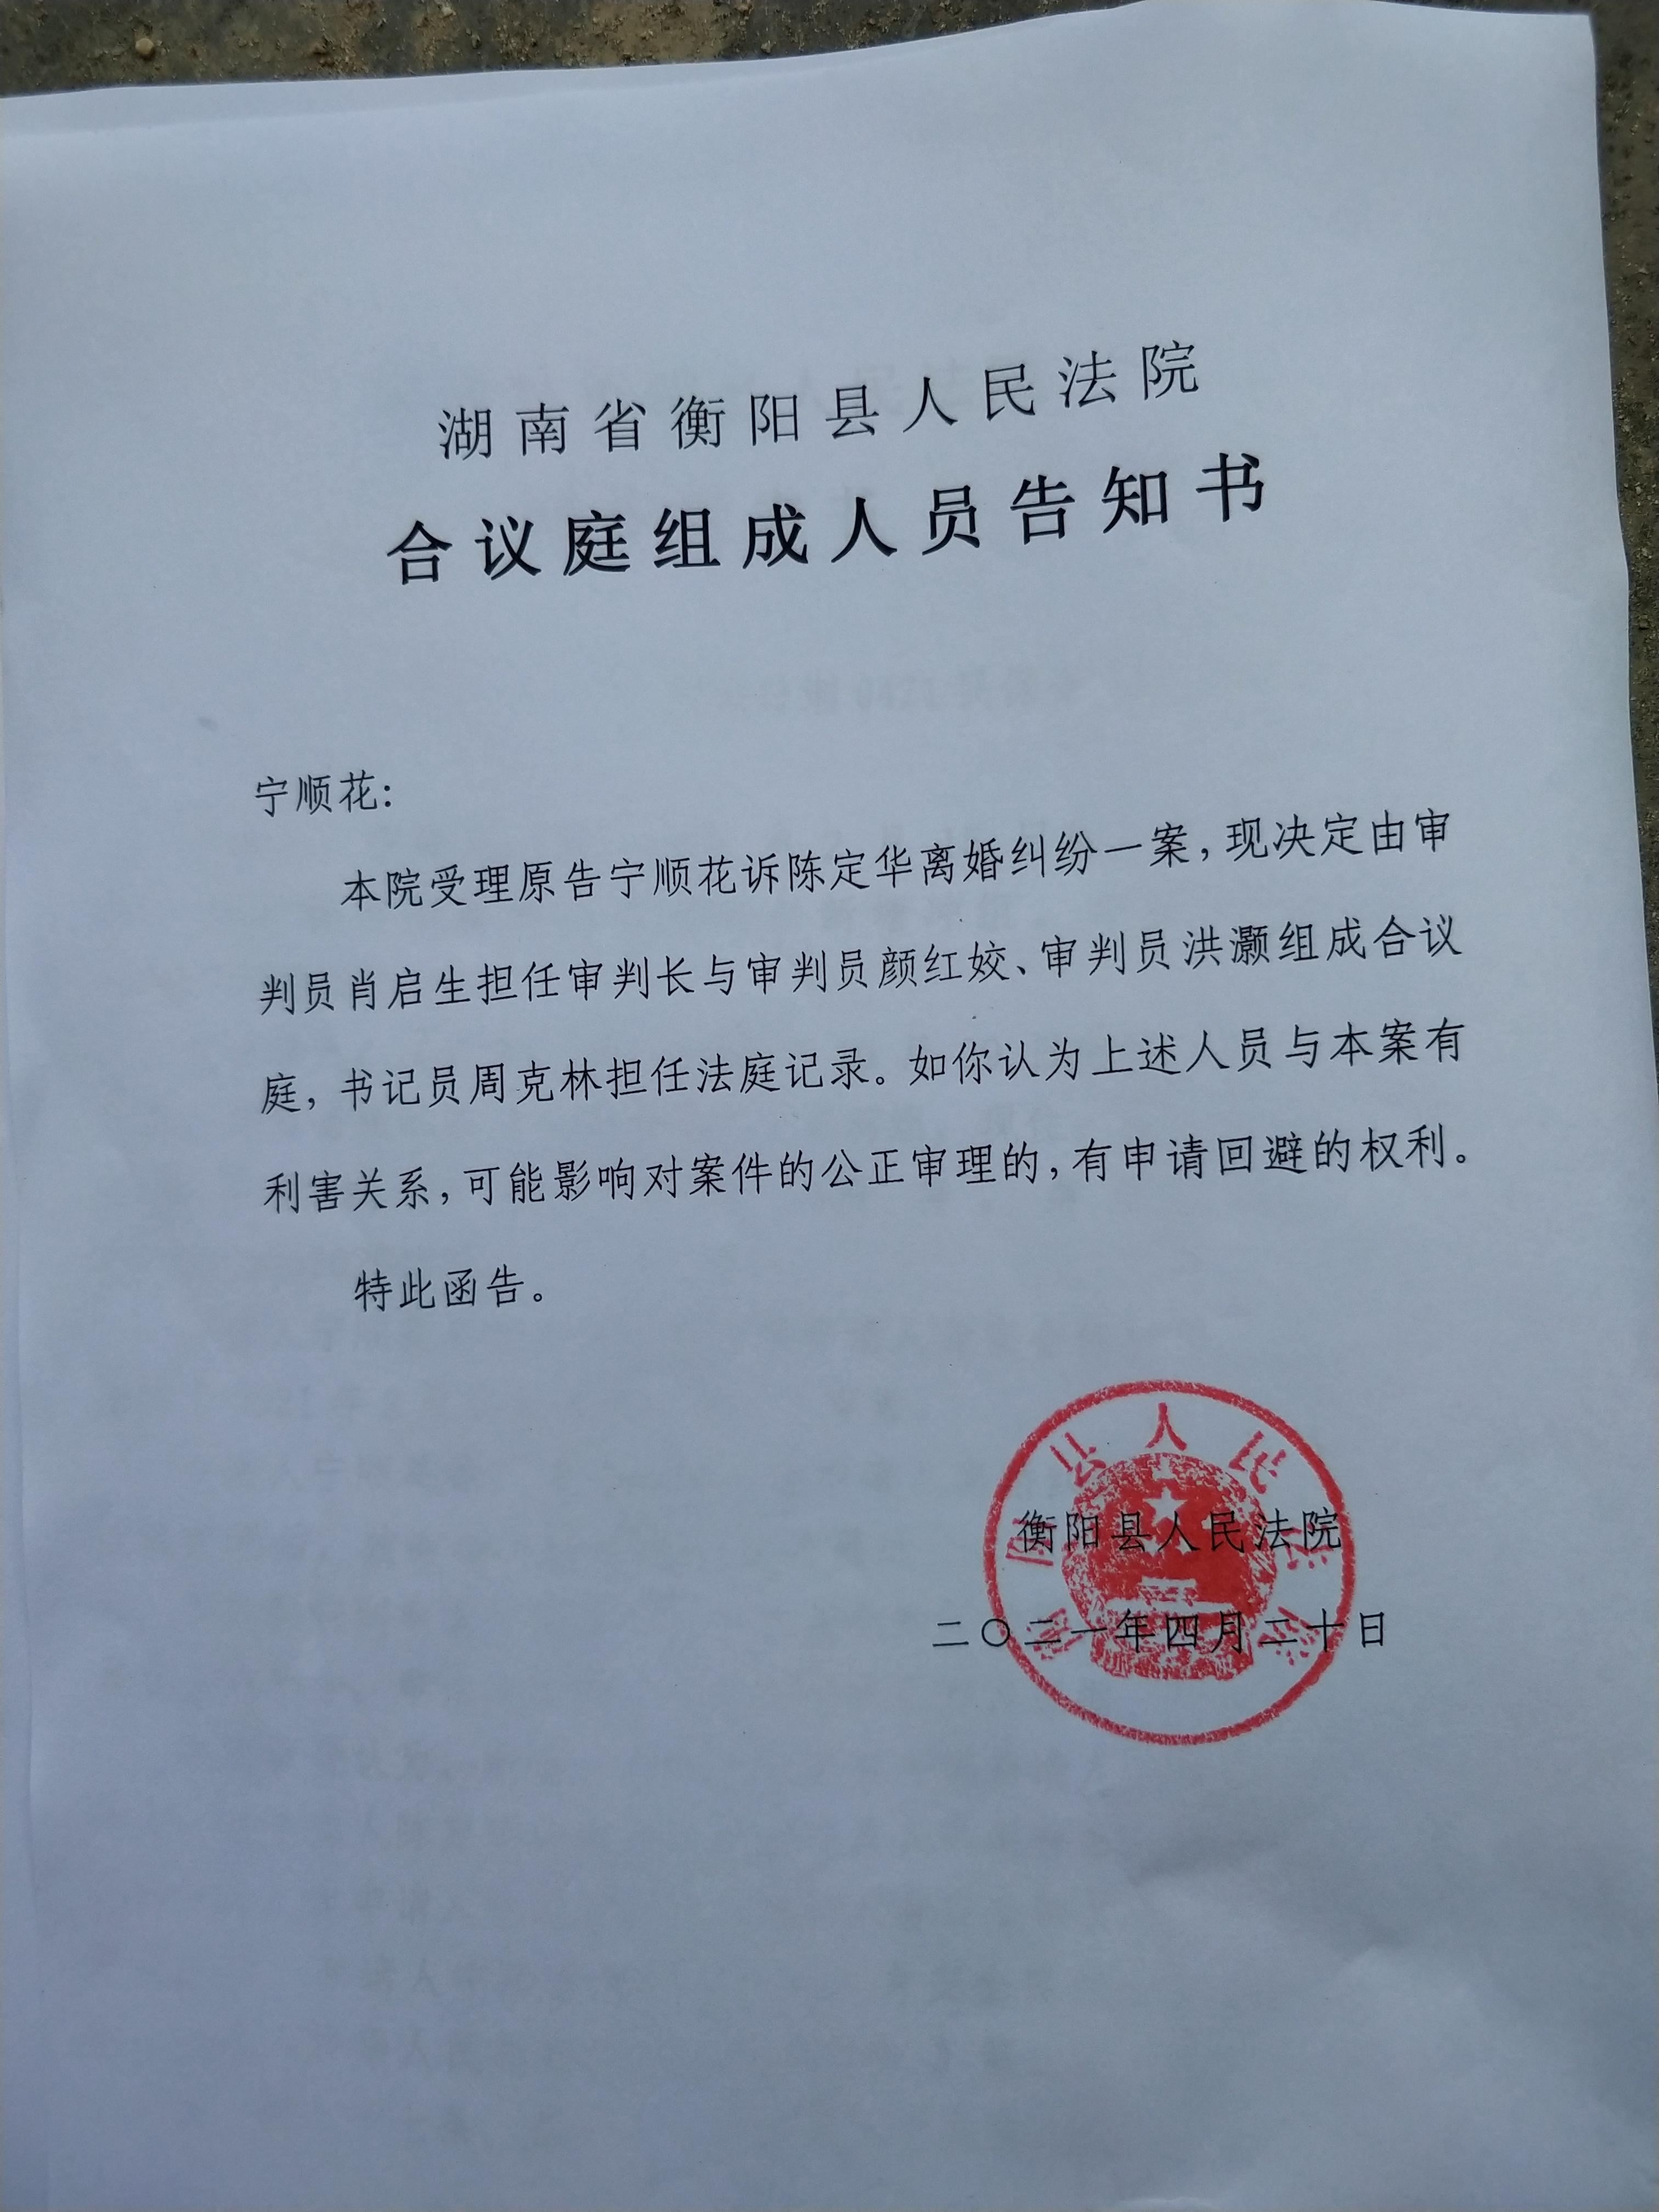 湖南省衡阳县人民法院合议庭组成人员告知书。来源:宁顺花